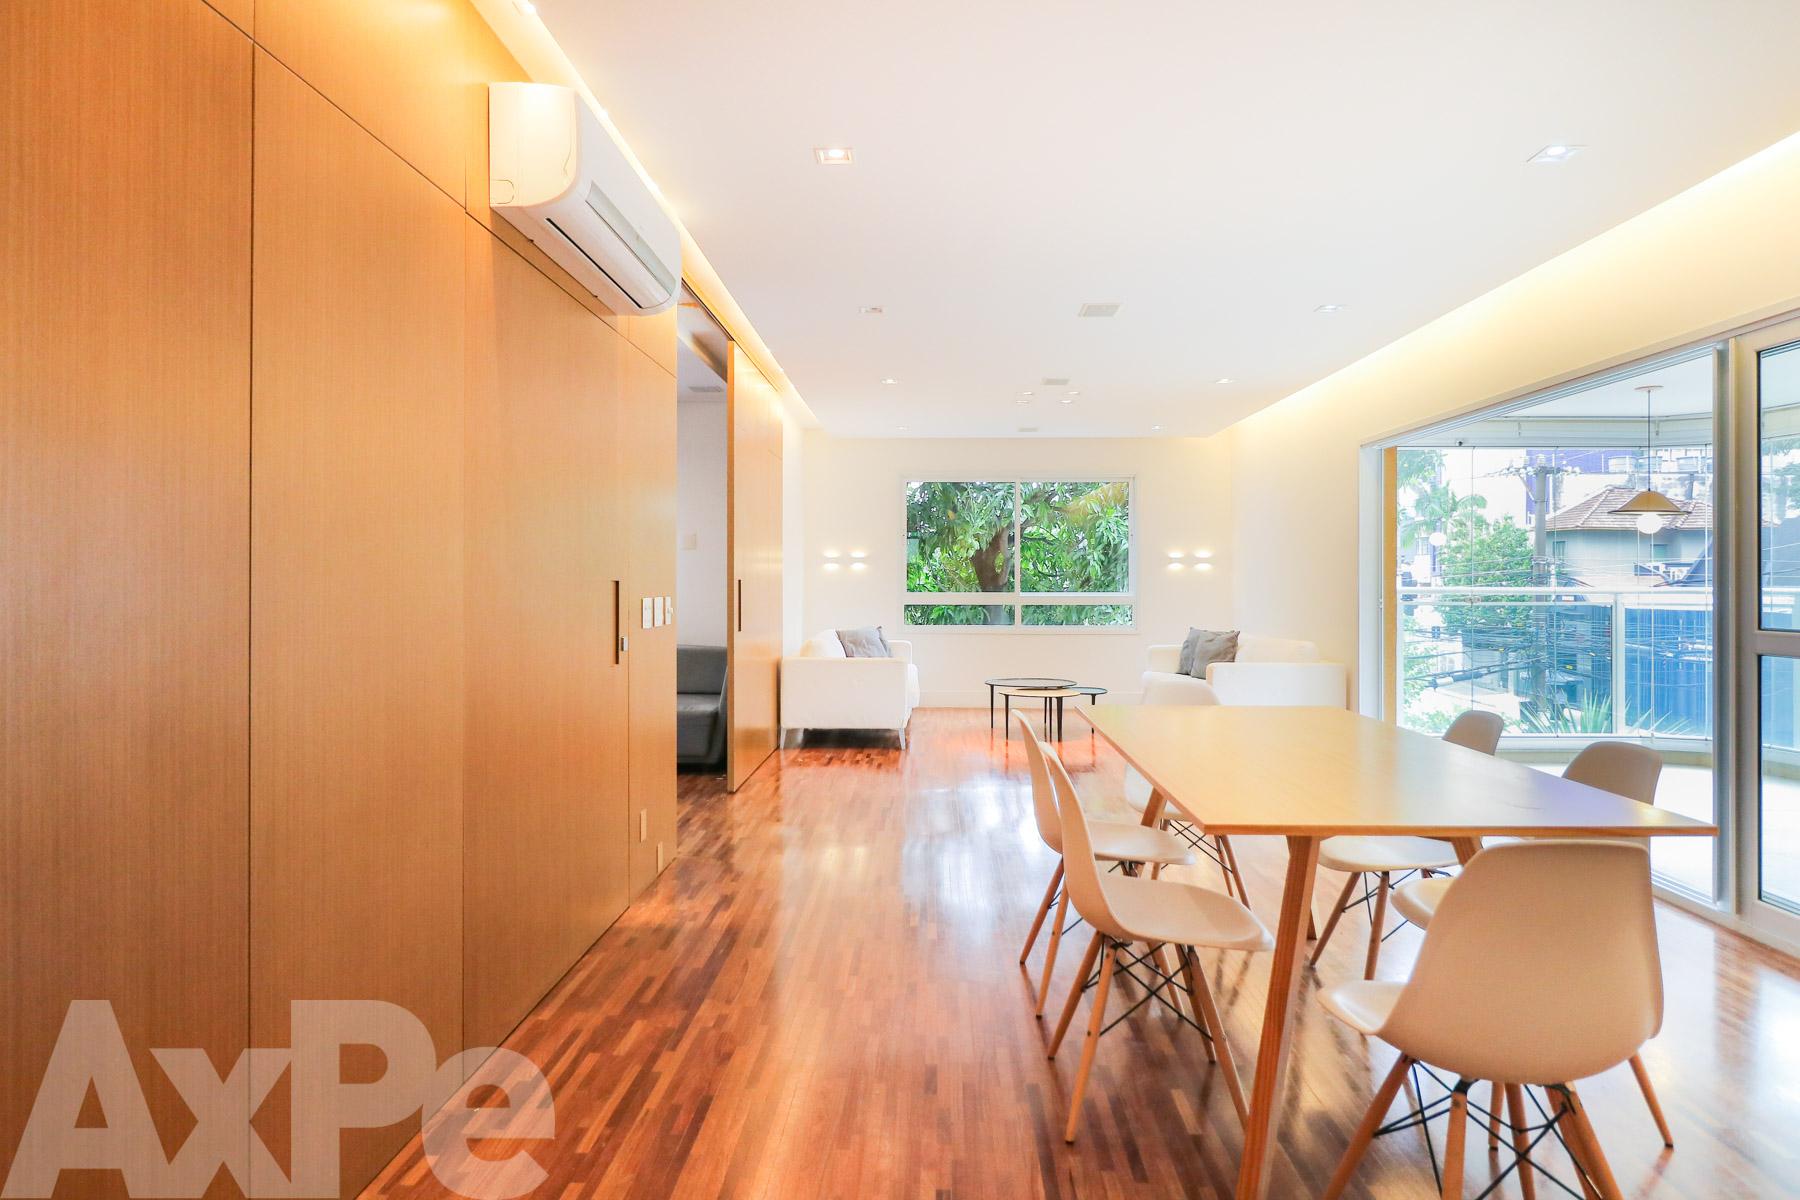 Axpe Apartamento - AX138351